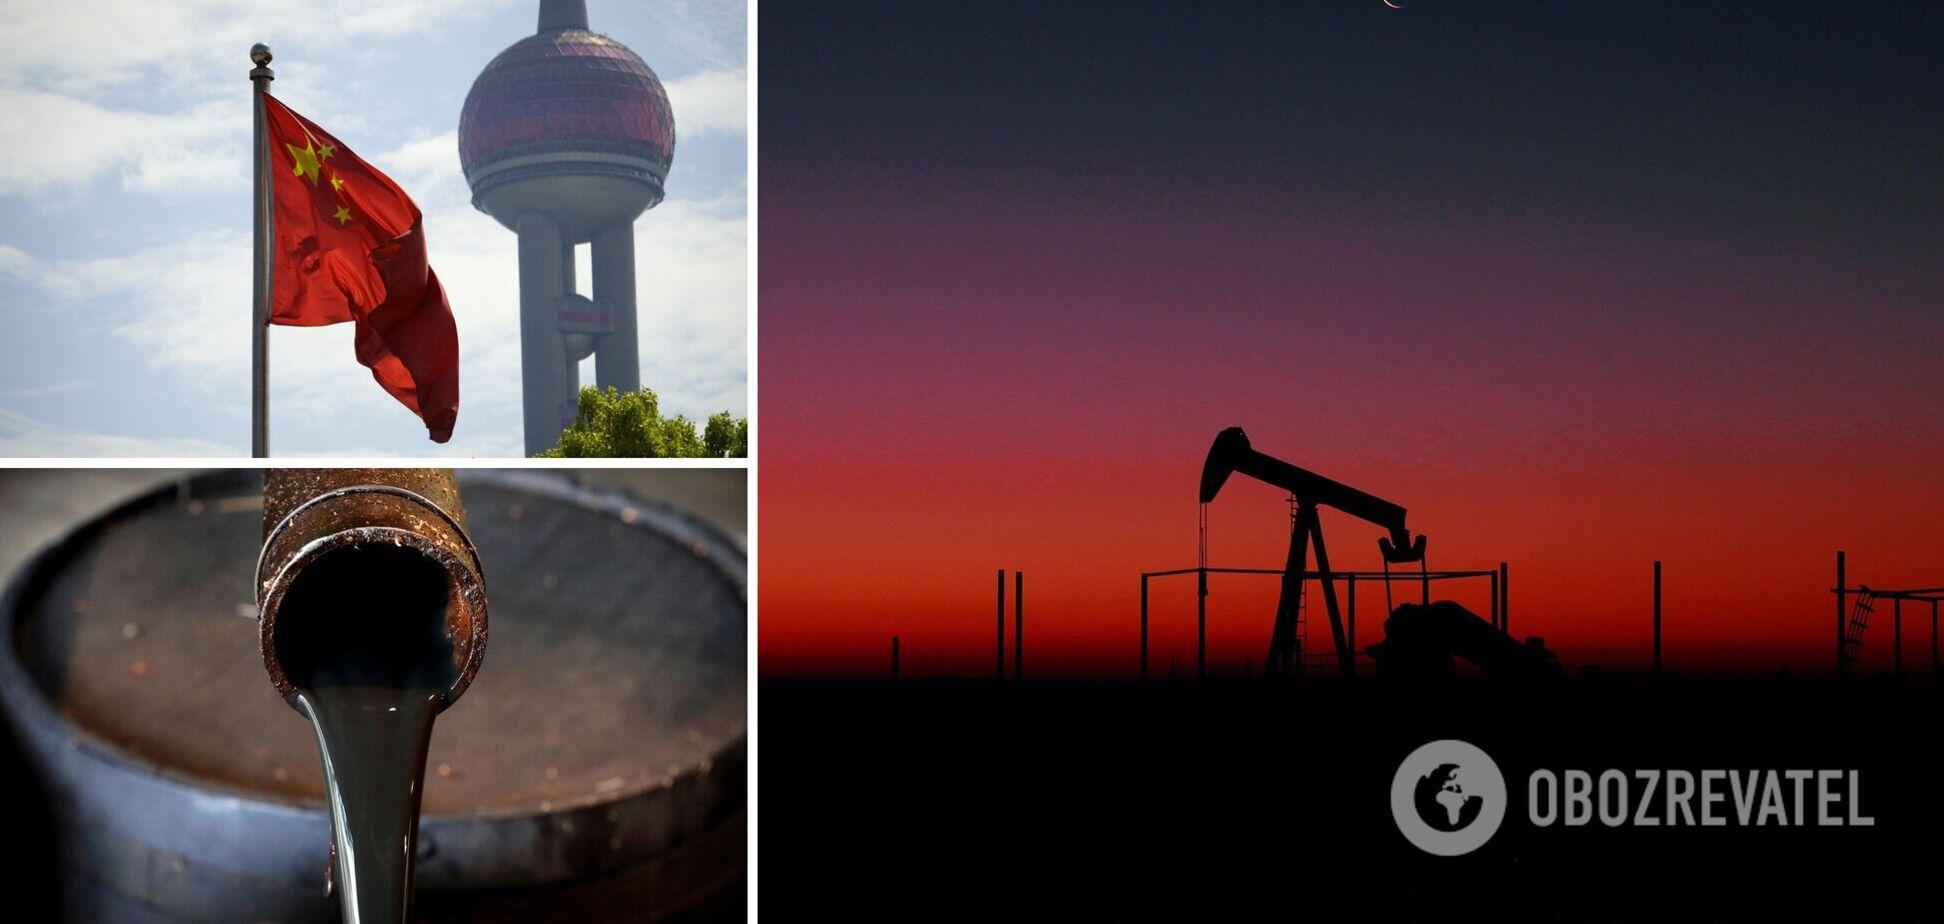 Ціни на нафту: чому знизилися і скільки коштує наразі